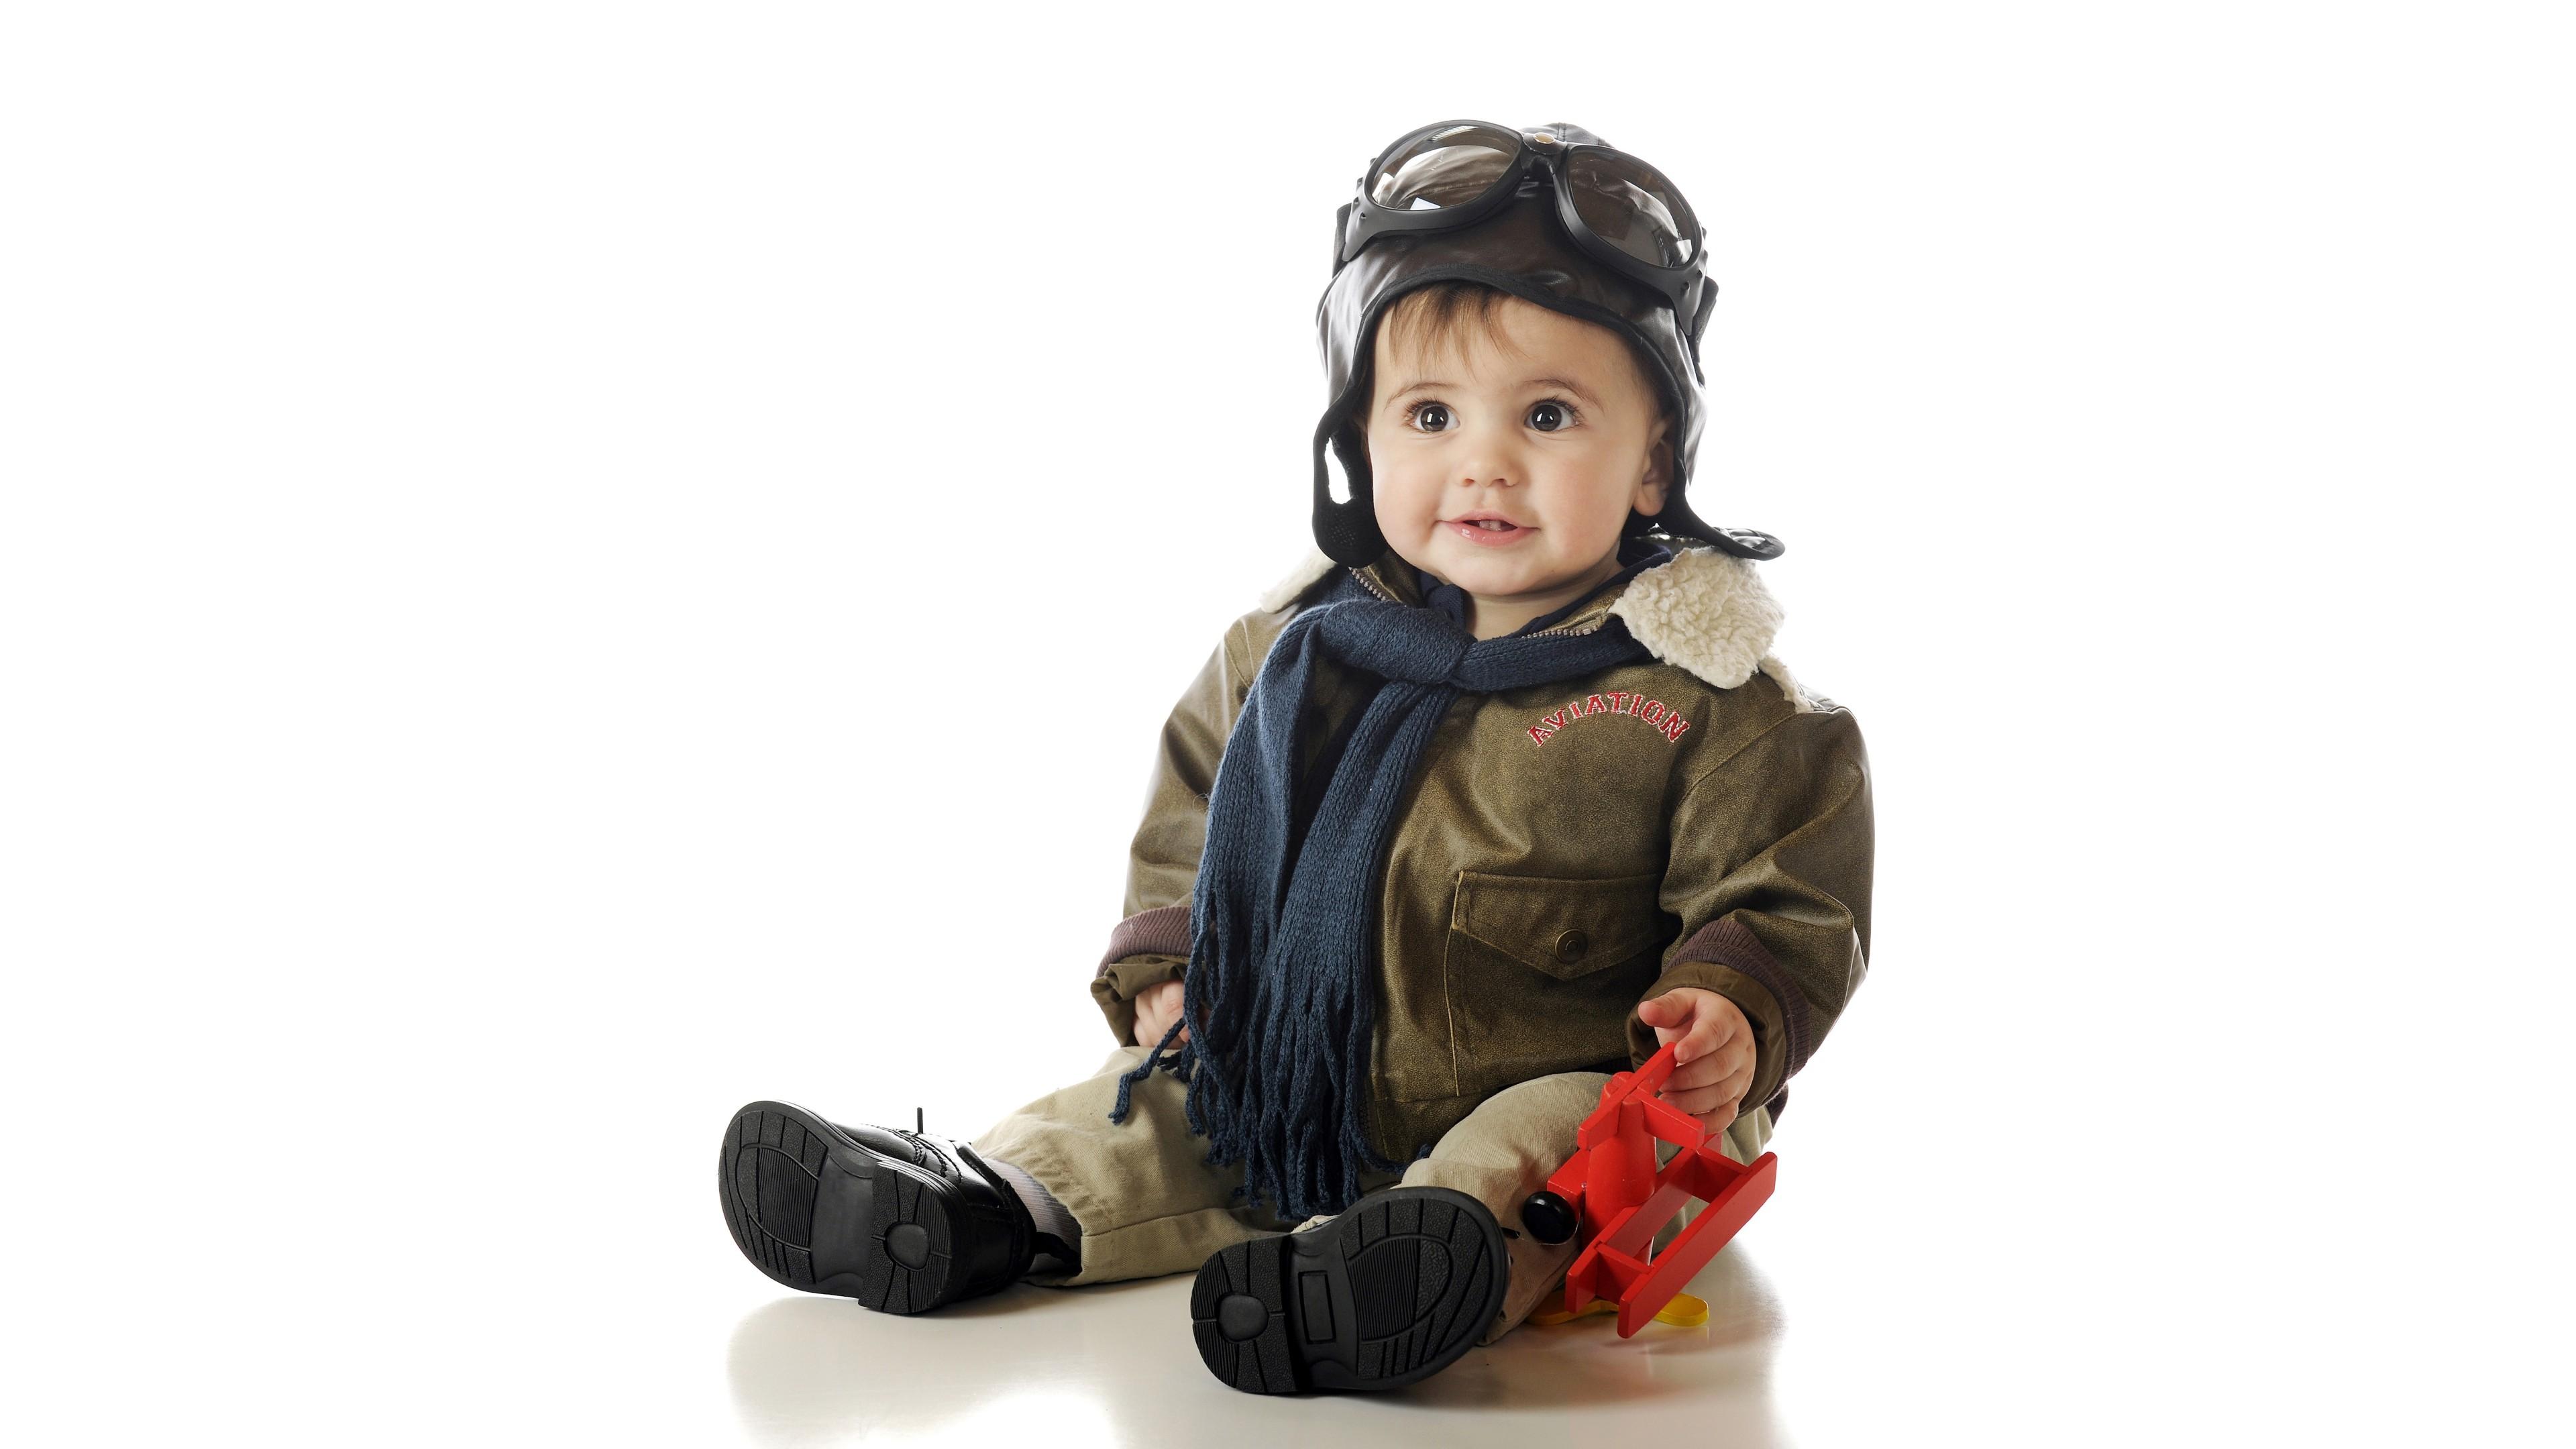 Мечтательный малыш с большими карими глазами в шлеме и очках летчика